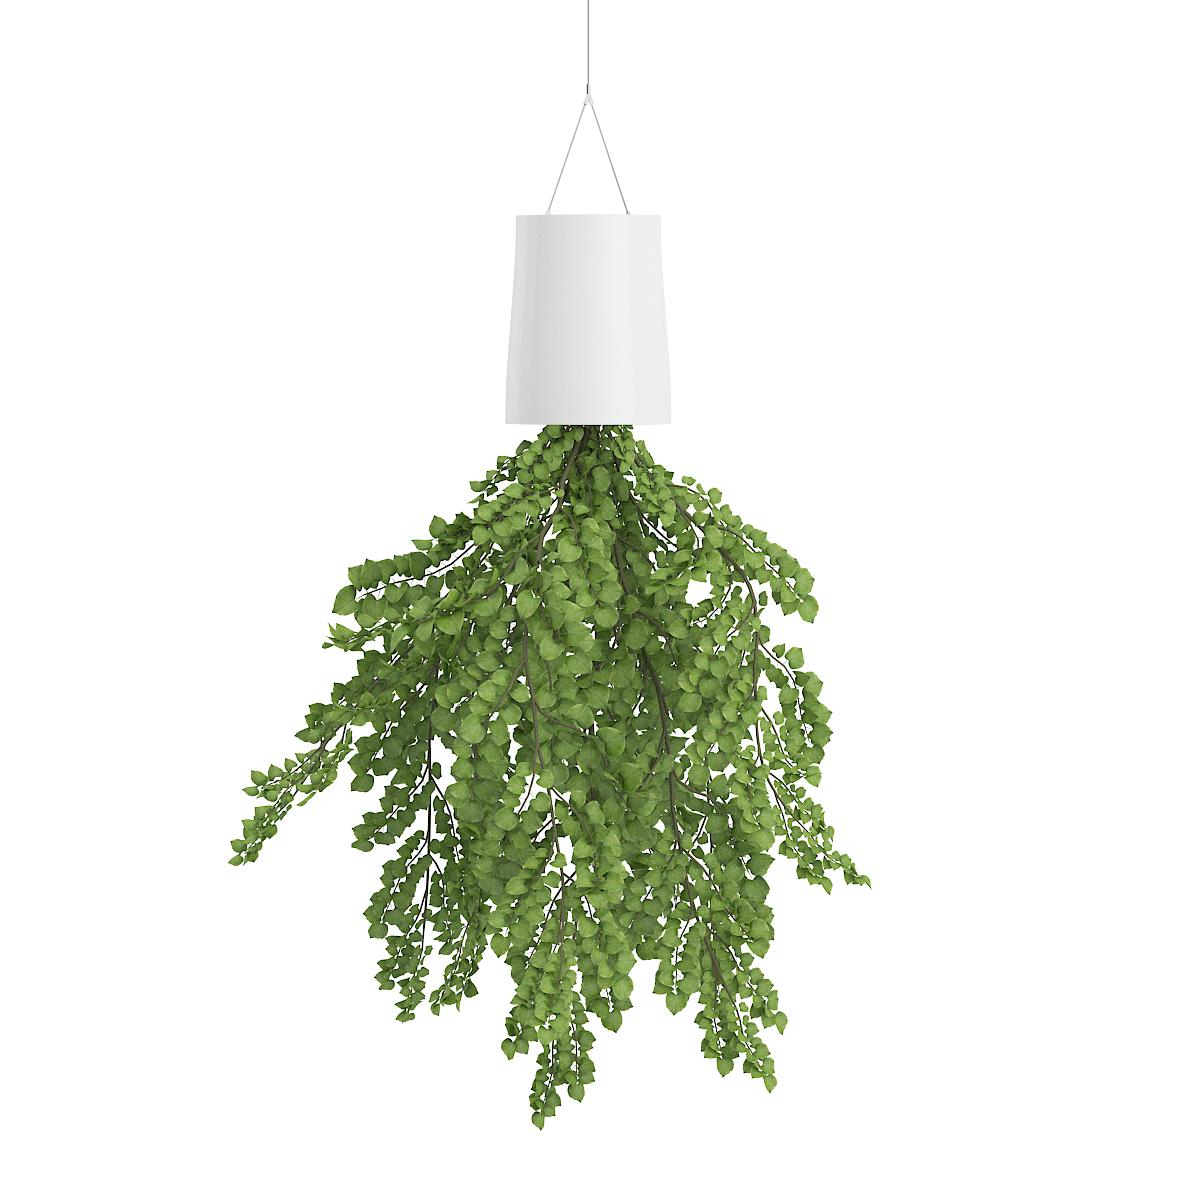 गिलोय/आइवी वनस्पती लावताच काही तासातच घरातील हवा शुद्ध होते.  हवेतील जंतूही नष्ट होतात.